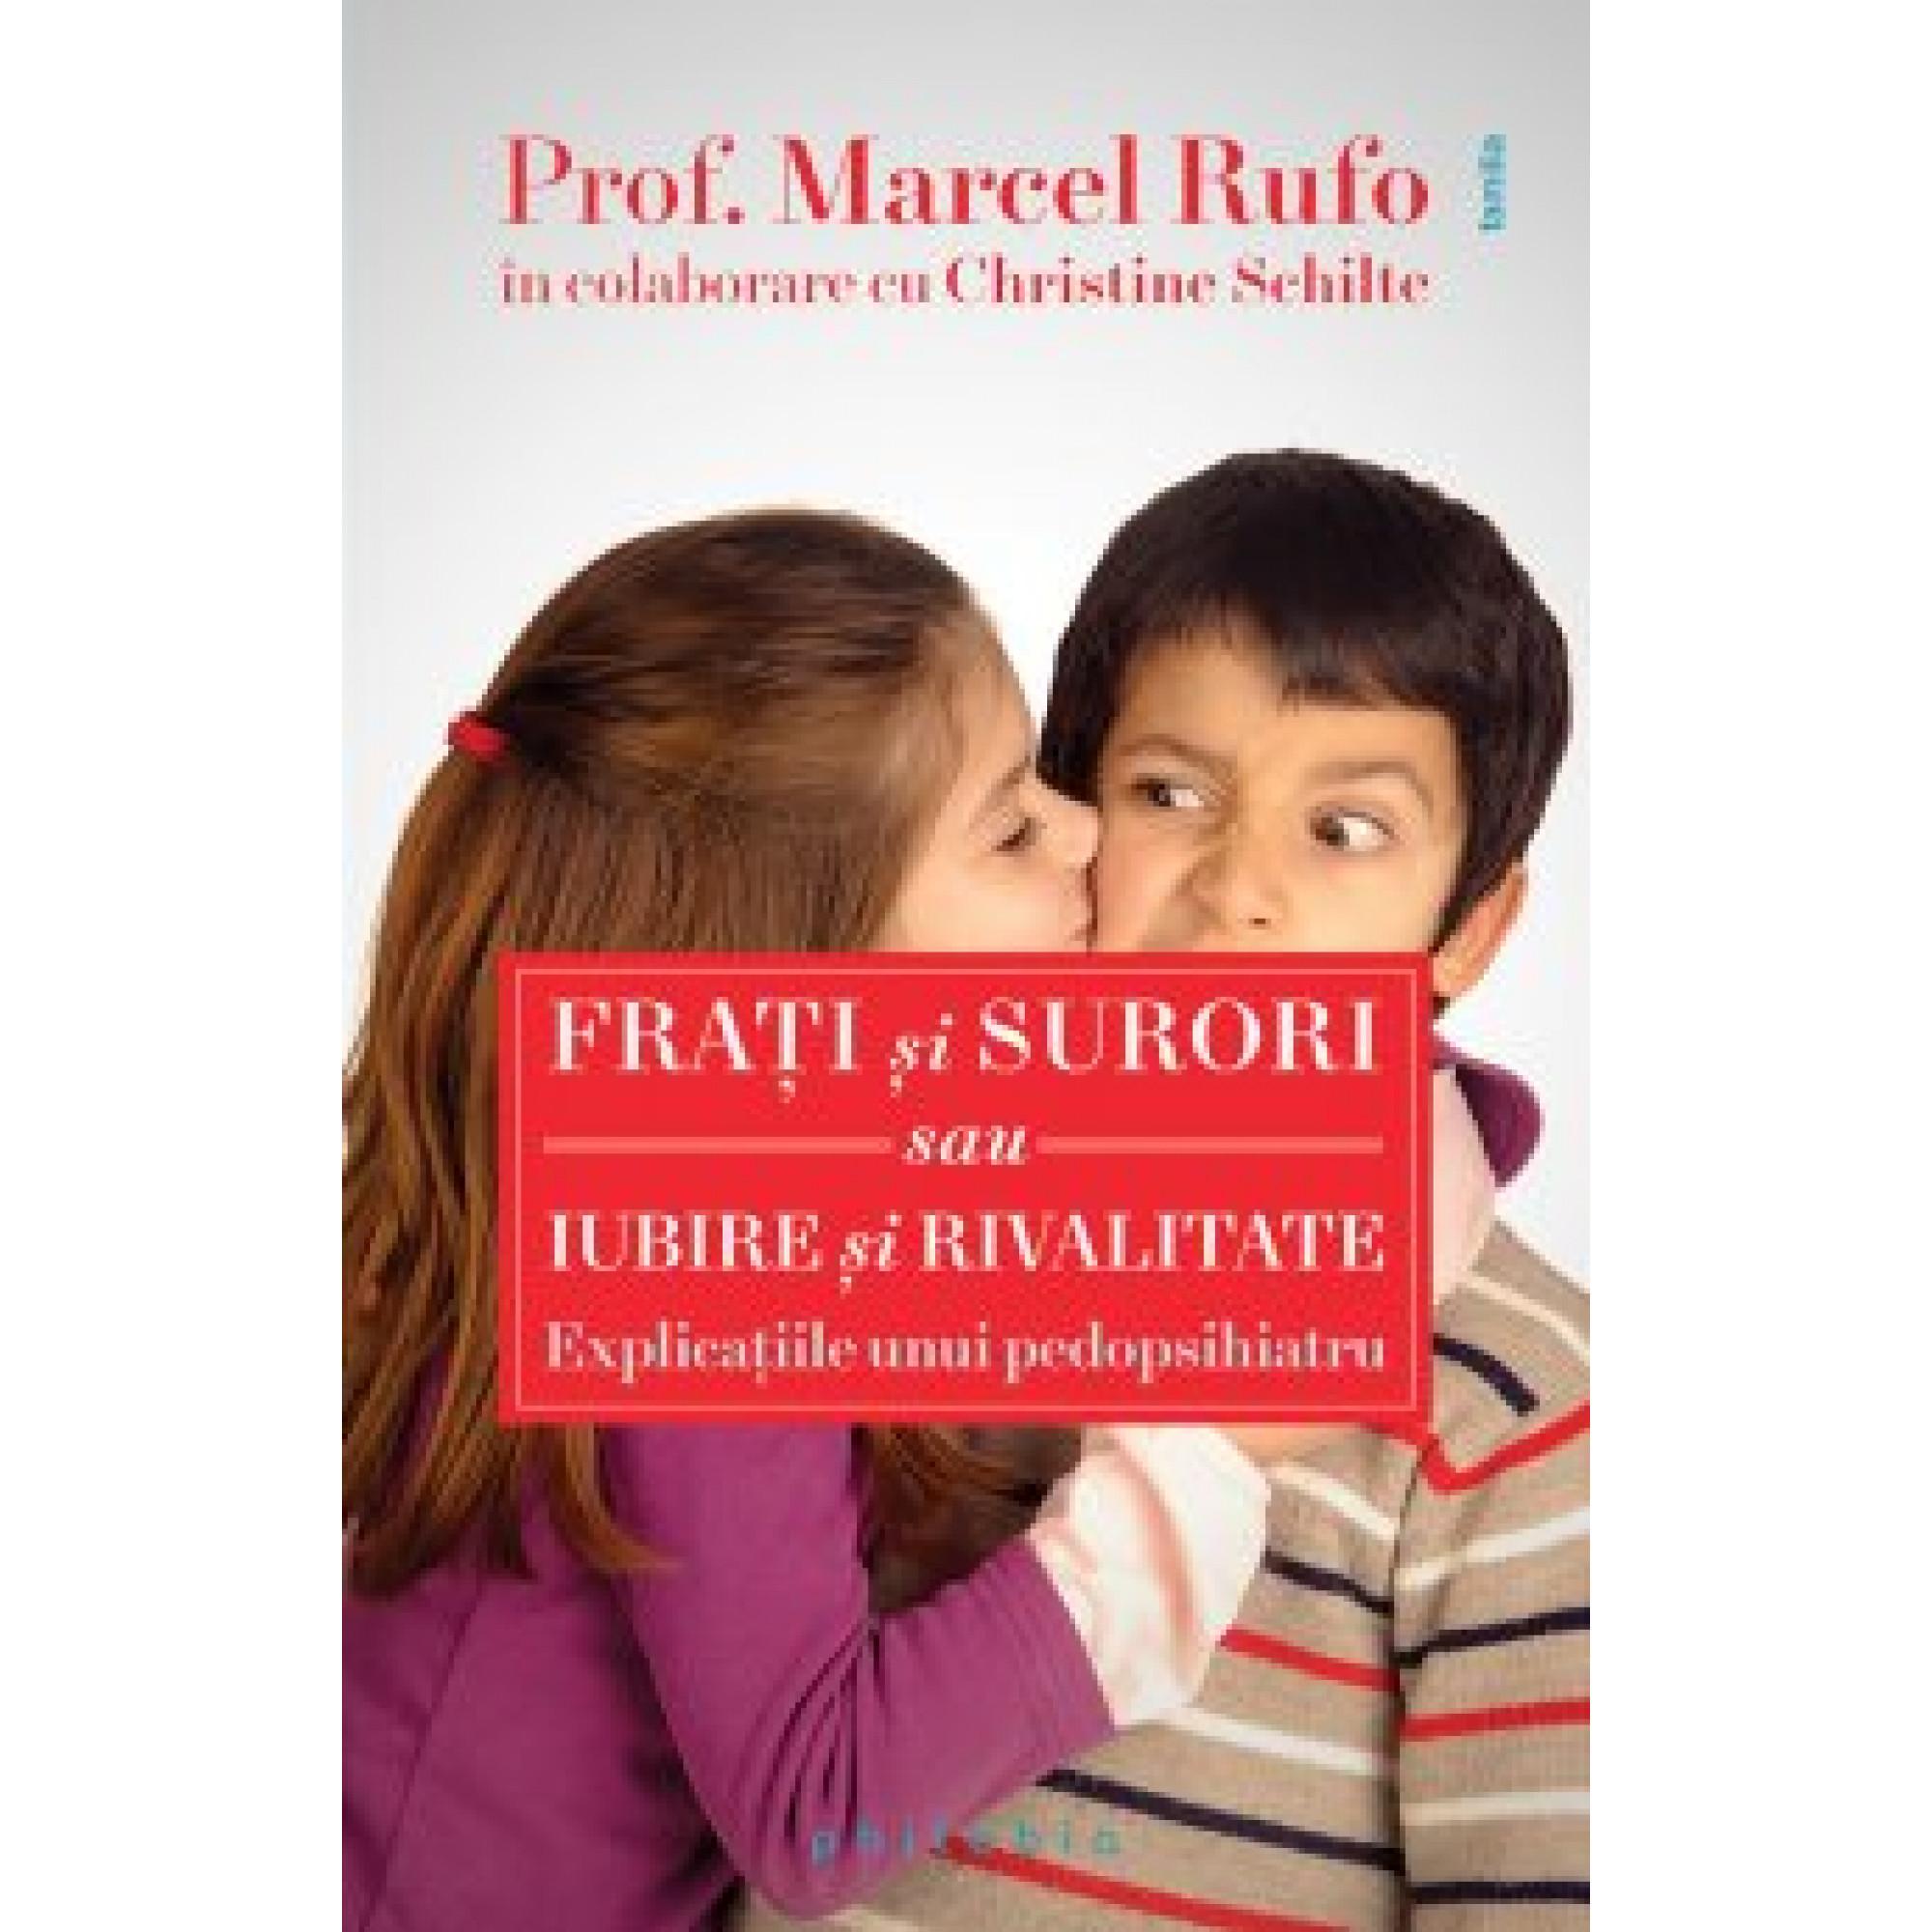 Fraţi şi surori sau iubire şi rivalitate; Marcel Rufo, Christine Schlite